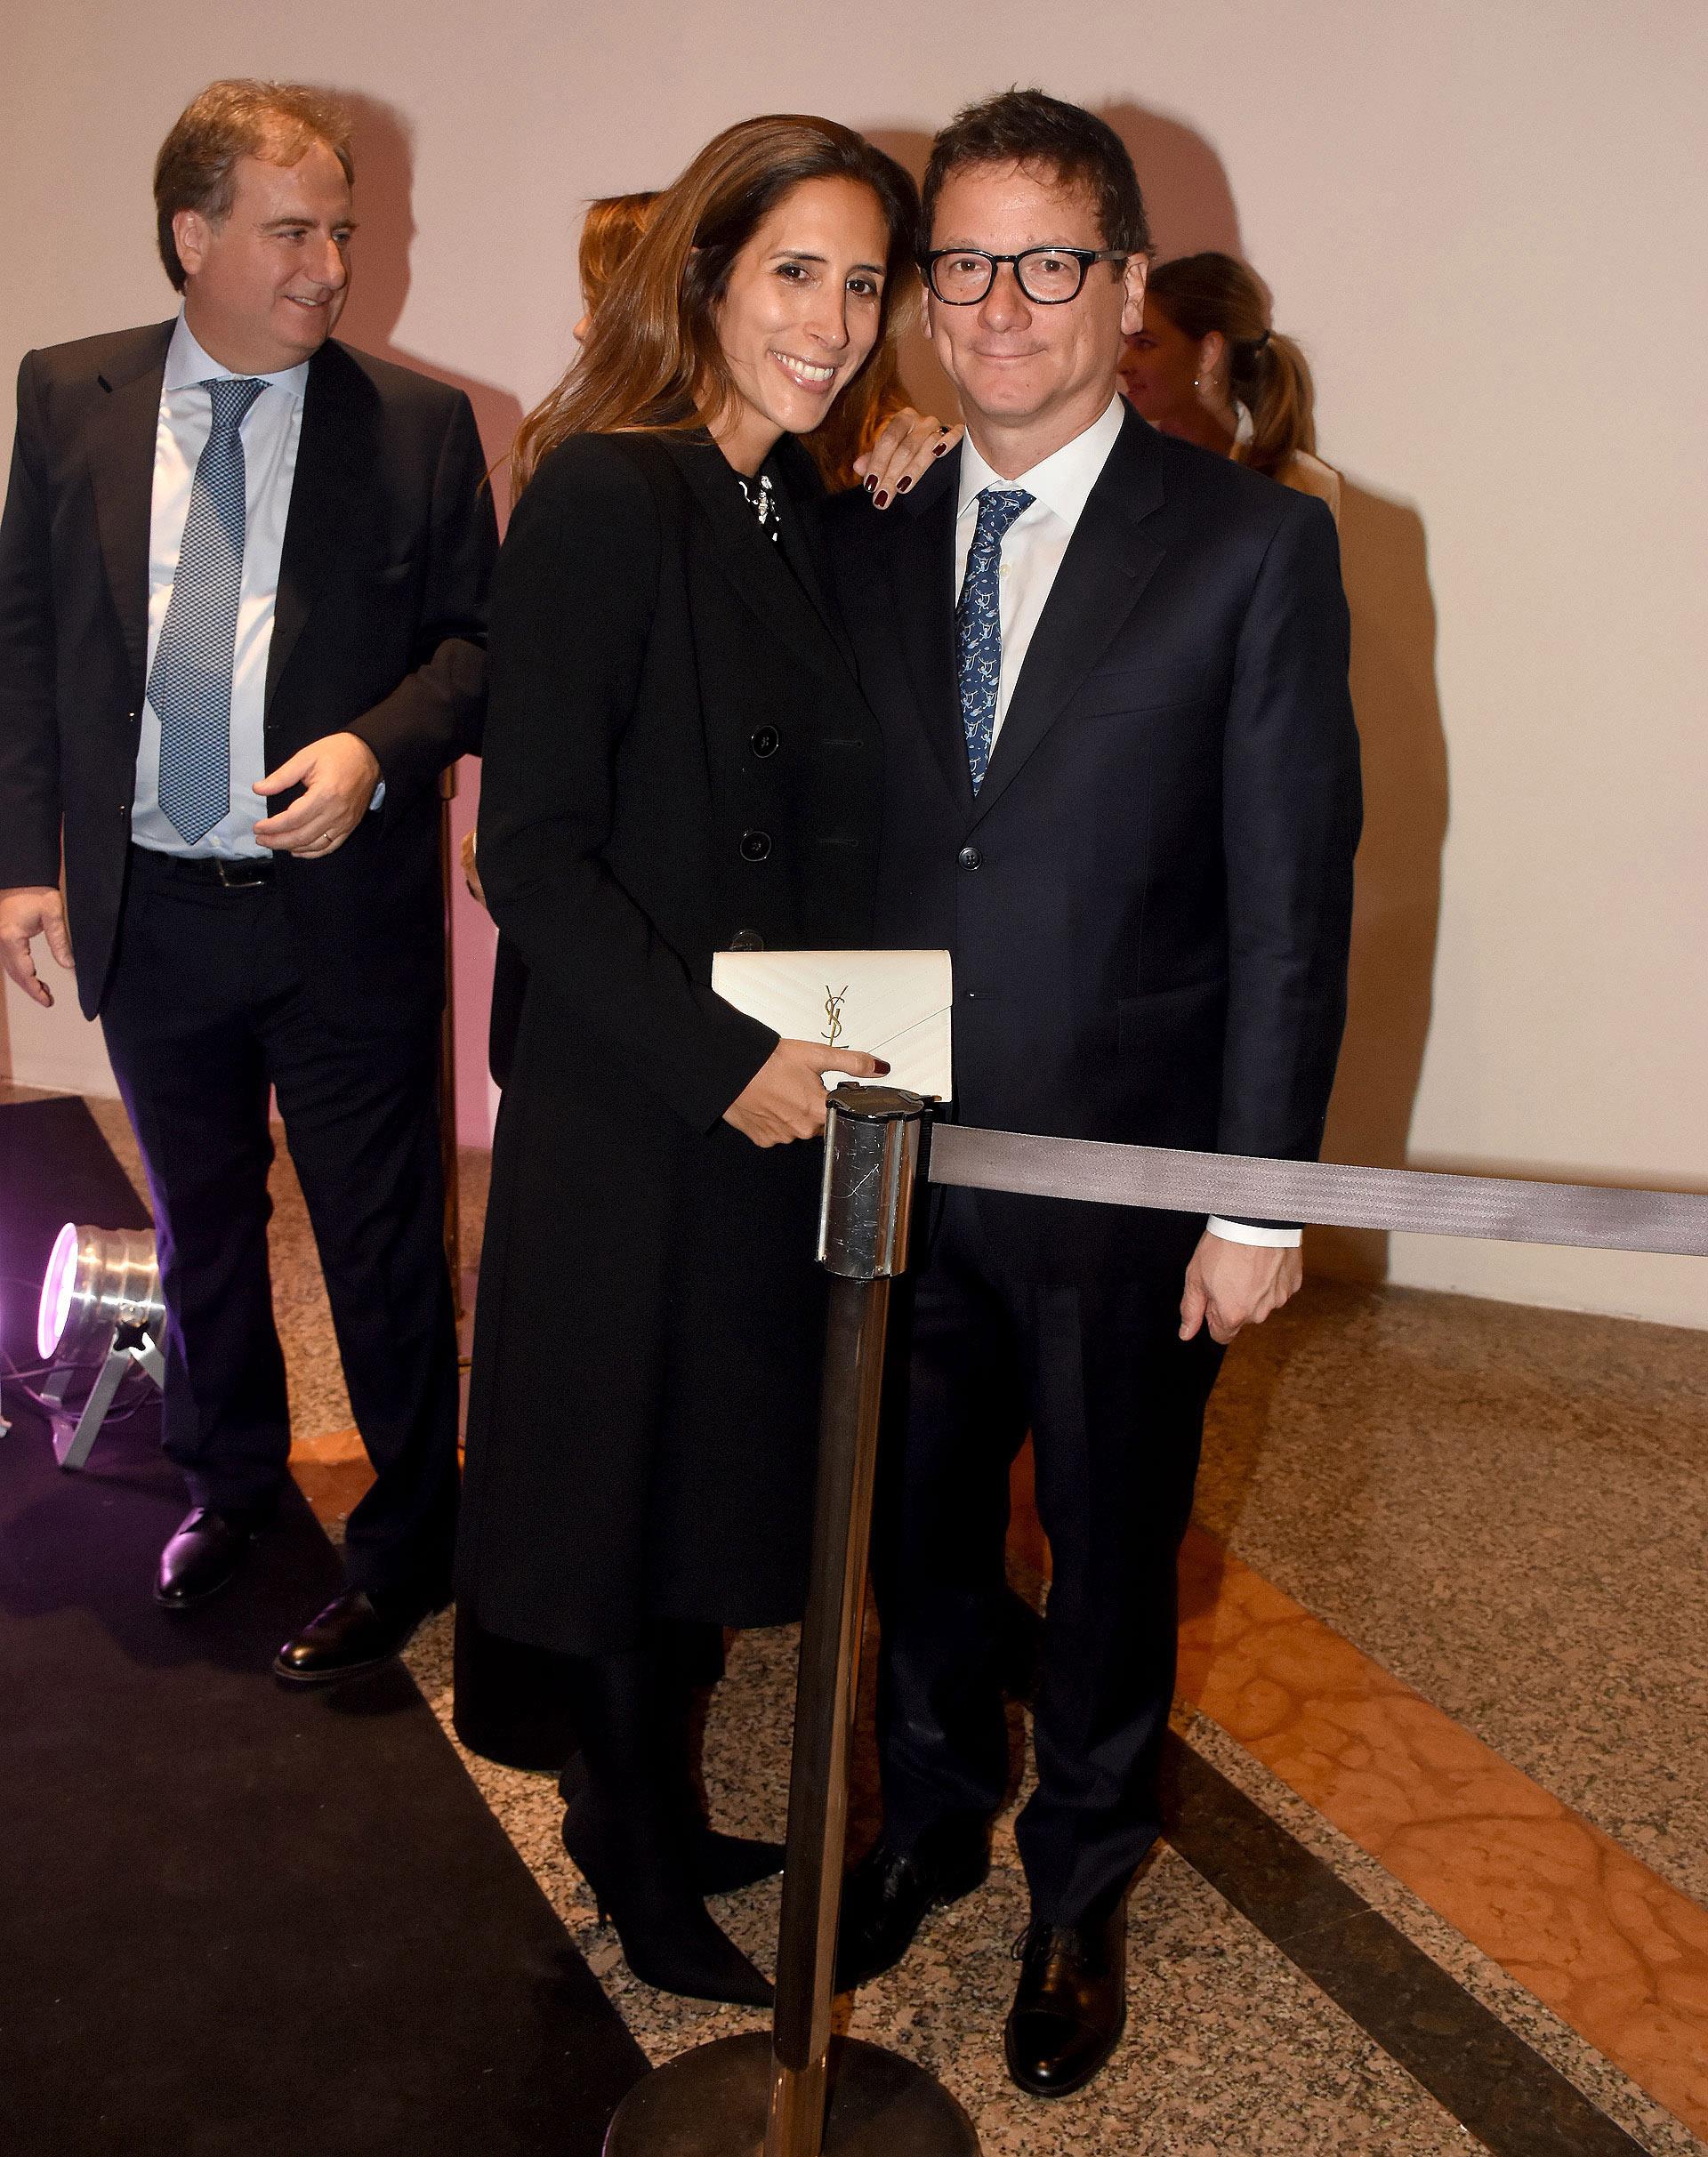 El presidente de HSBC Argentina, Gabriel Martino, y su mujer Florencia Perotti